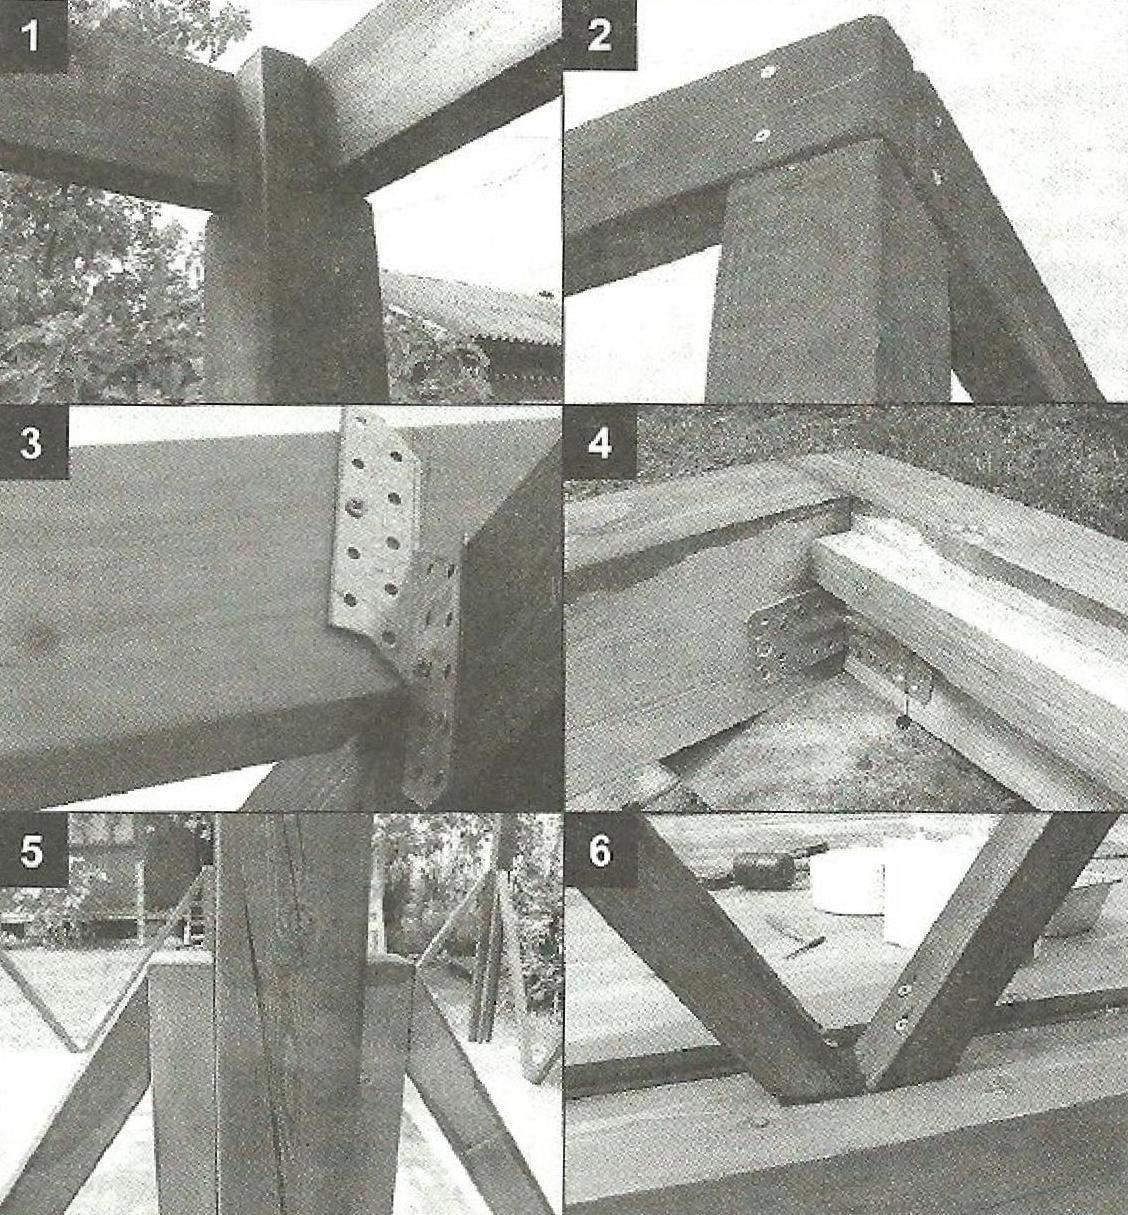 Врежа (1) и соединение (2) саморезами брусьев угловых стоек и верхней обвязки Крепление стропил к брусьям верхней обвязки двойными уголками (3) Крепление брусьев нижней обвязки металлическими уголками (4) Крепление укосин саморезами к стойкам (5) и нижней обвязке (6)